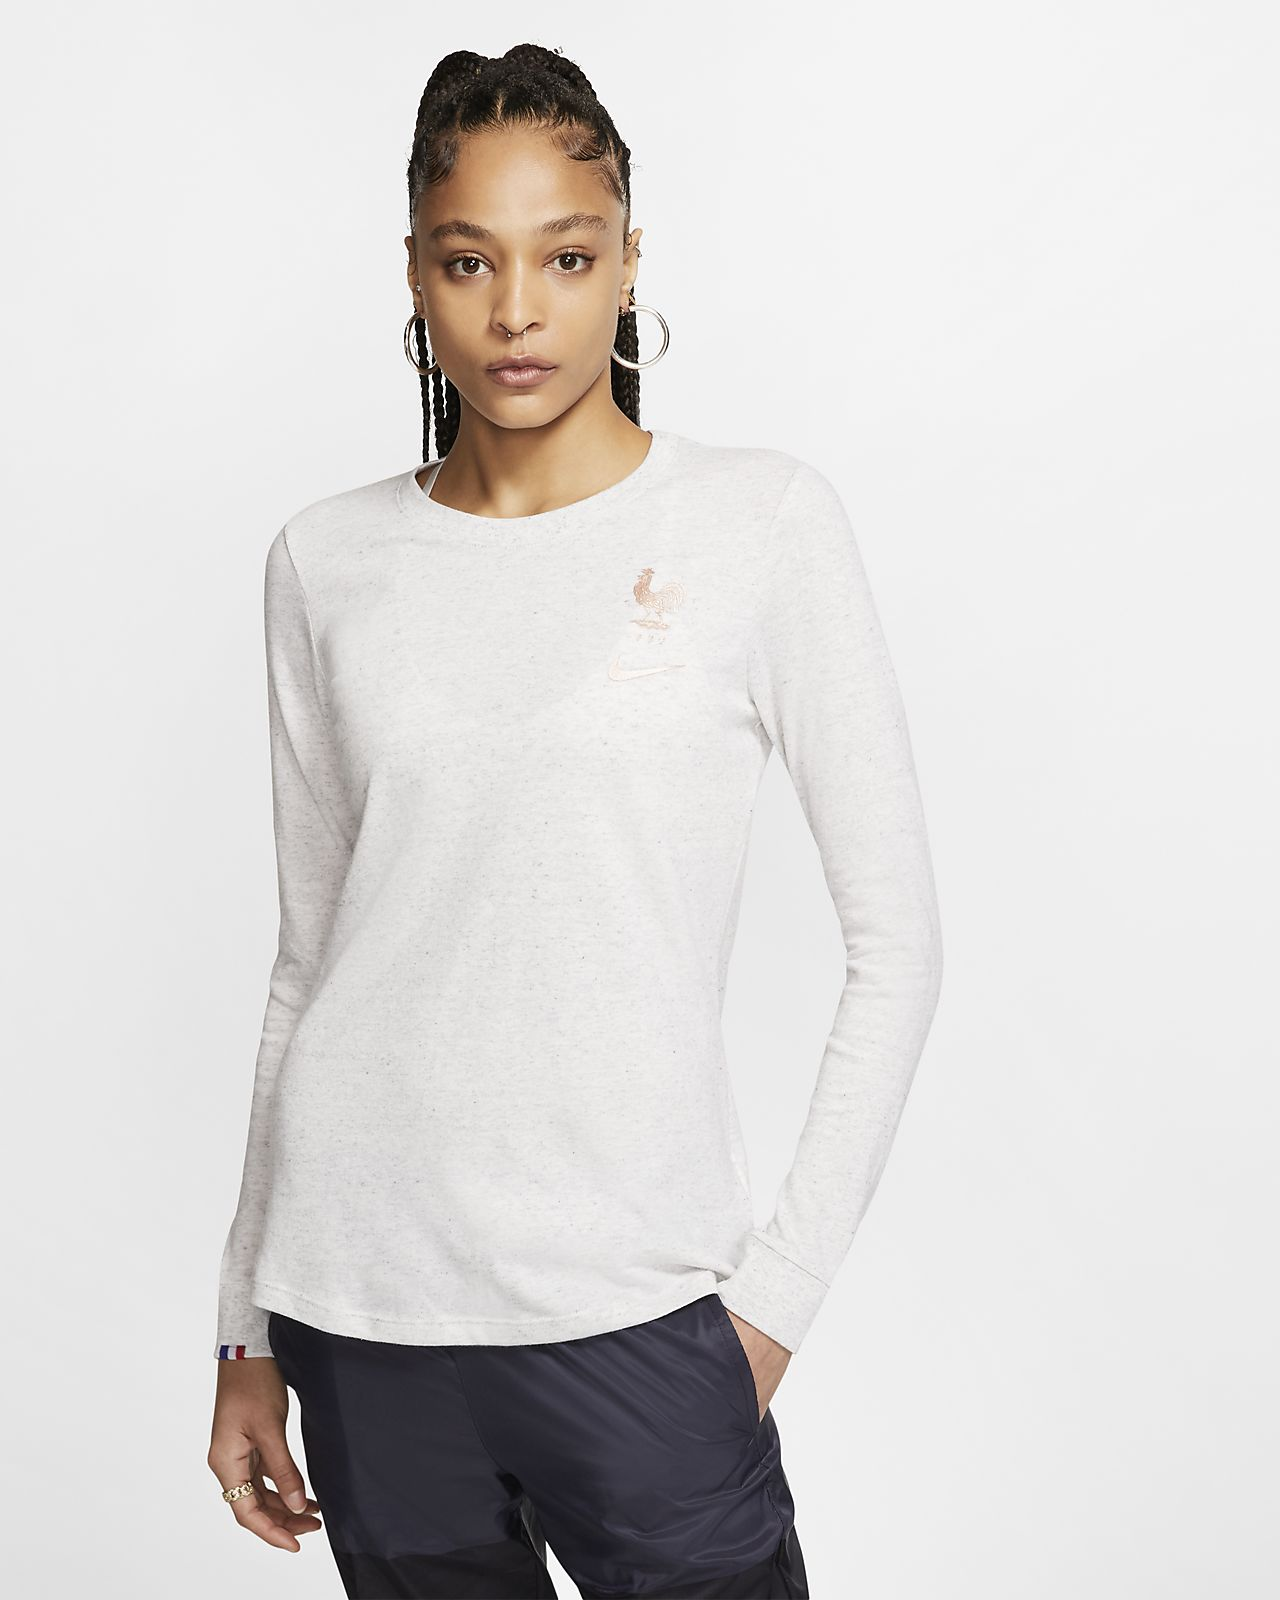 FFF Women's Long-Sleeve Football T-Shirt